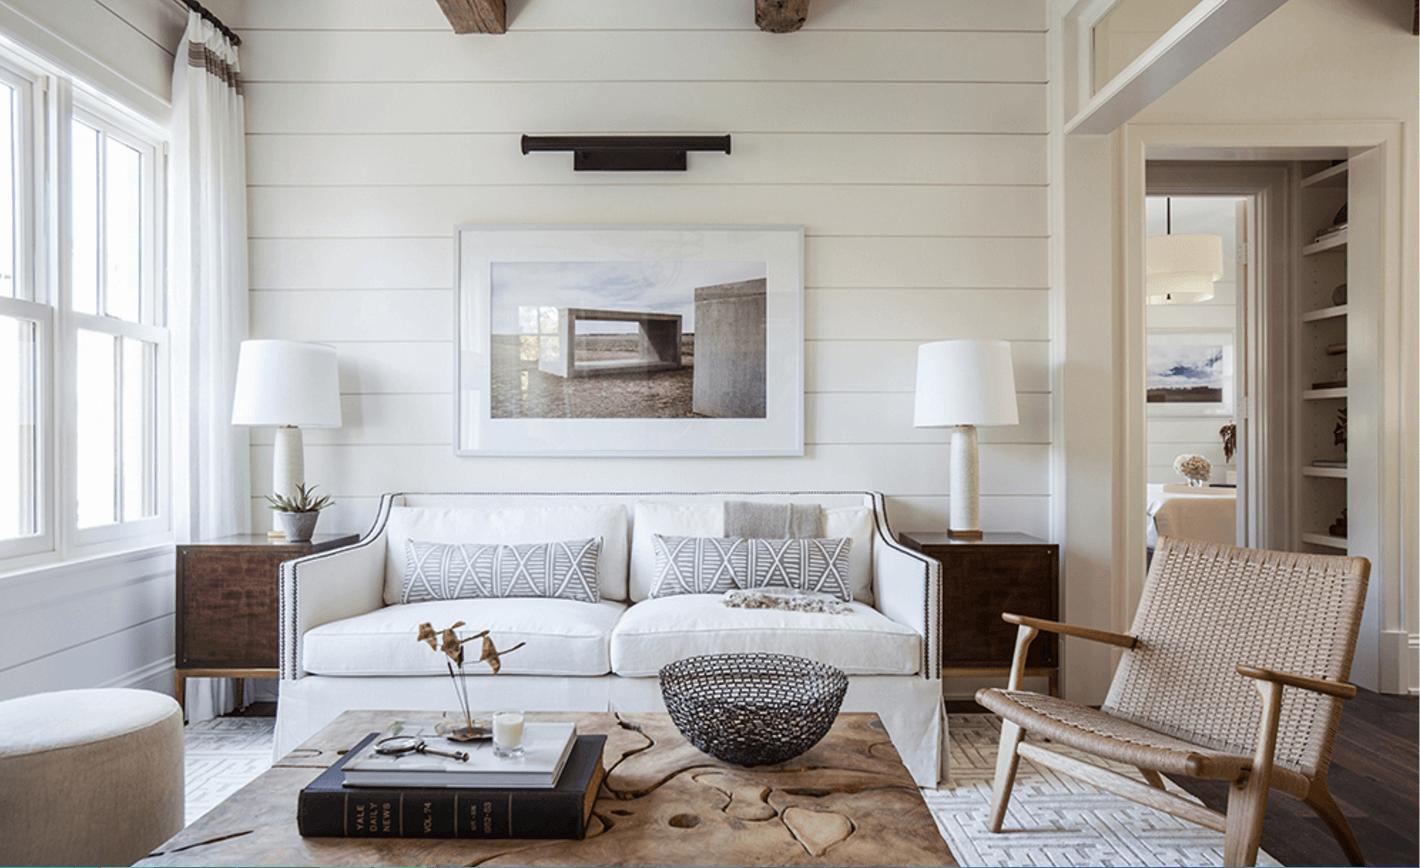 Top 10 Houston Interior Designers